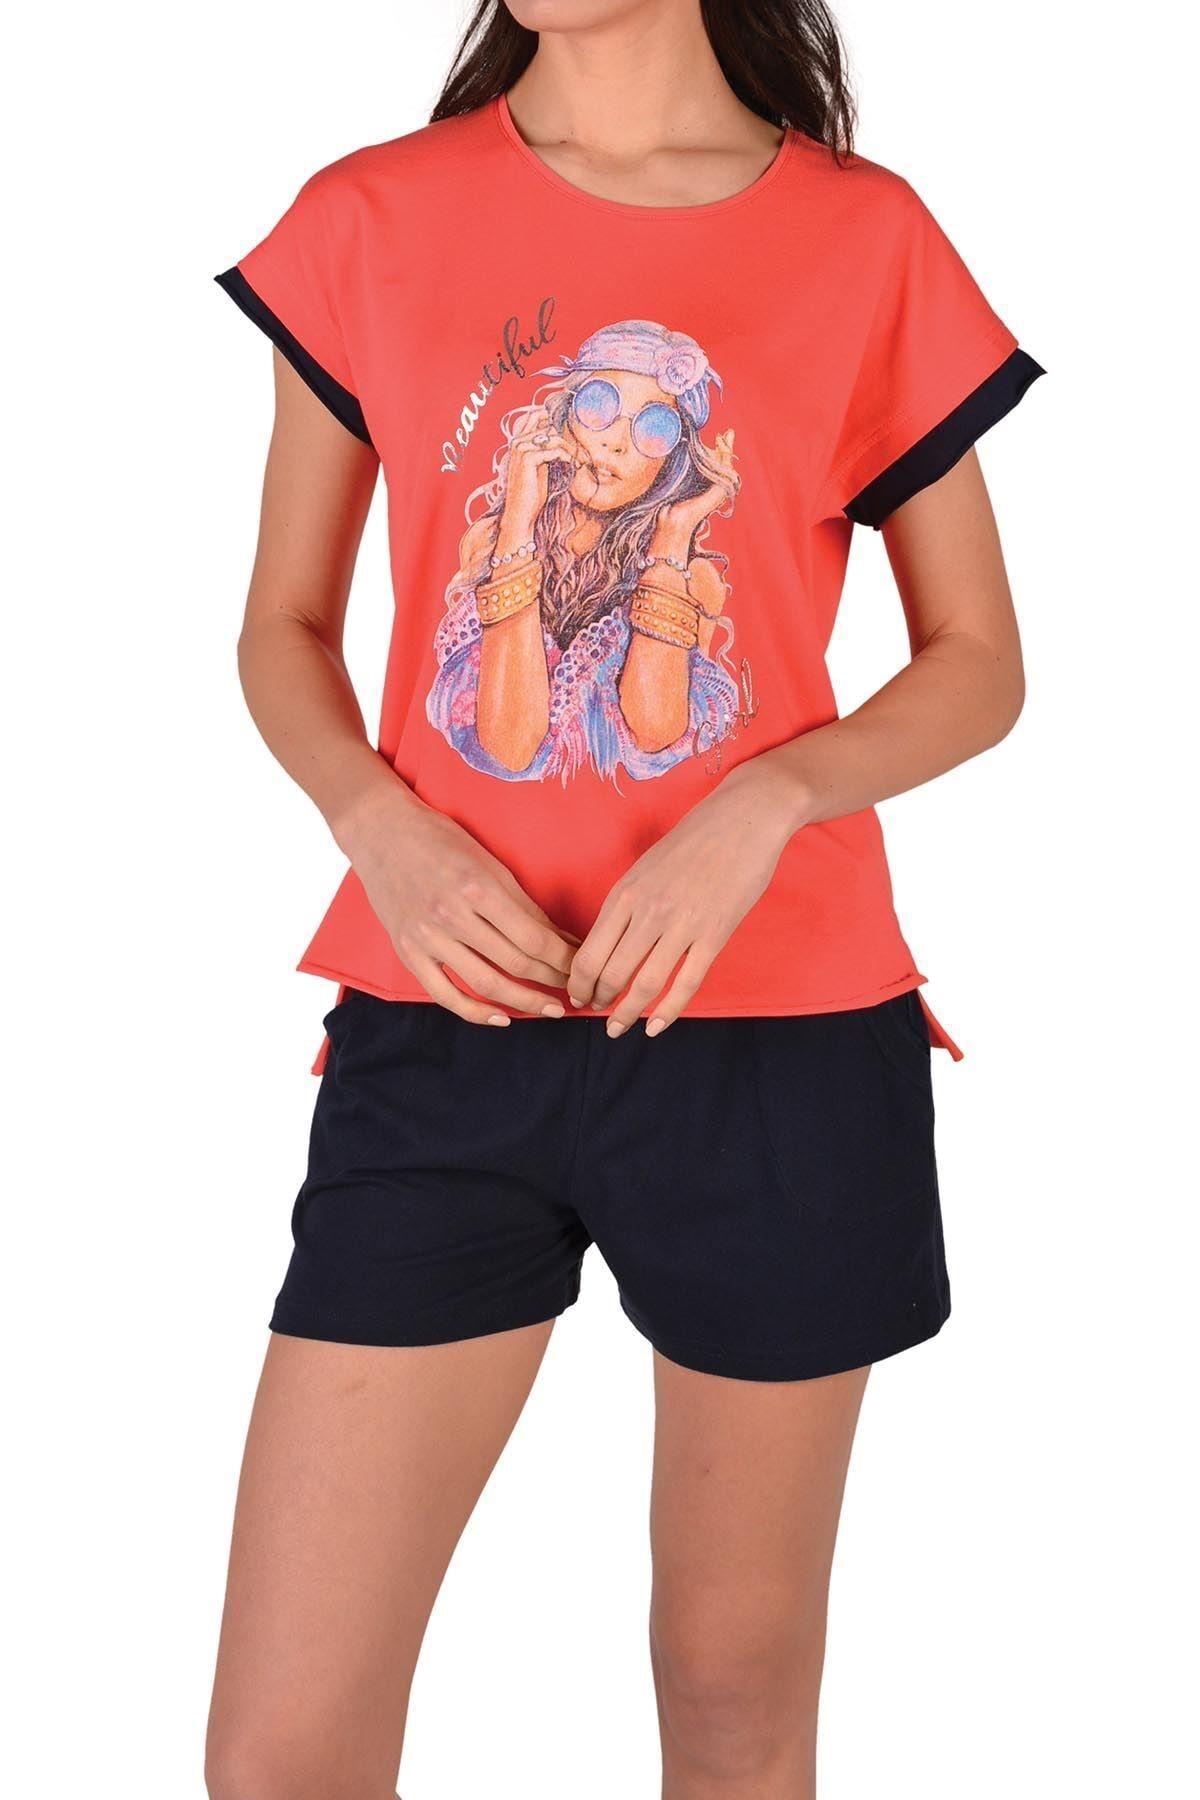 Nicoletta Kırmızı Kadın Şortlu Pijama Takımı Kısa Kollu Cepli Pamuk 1